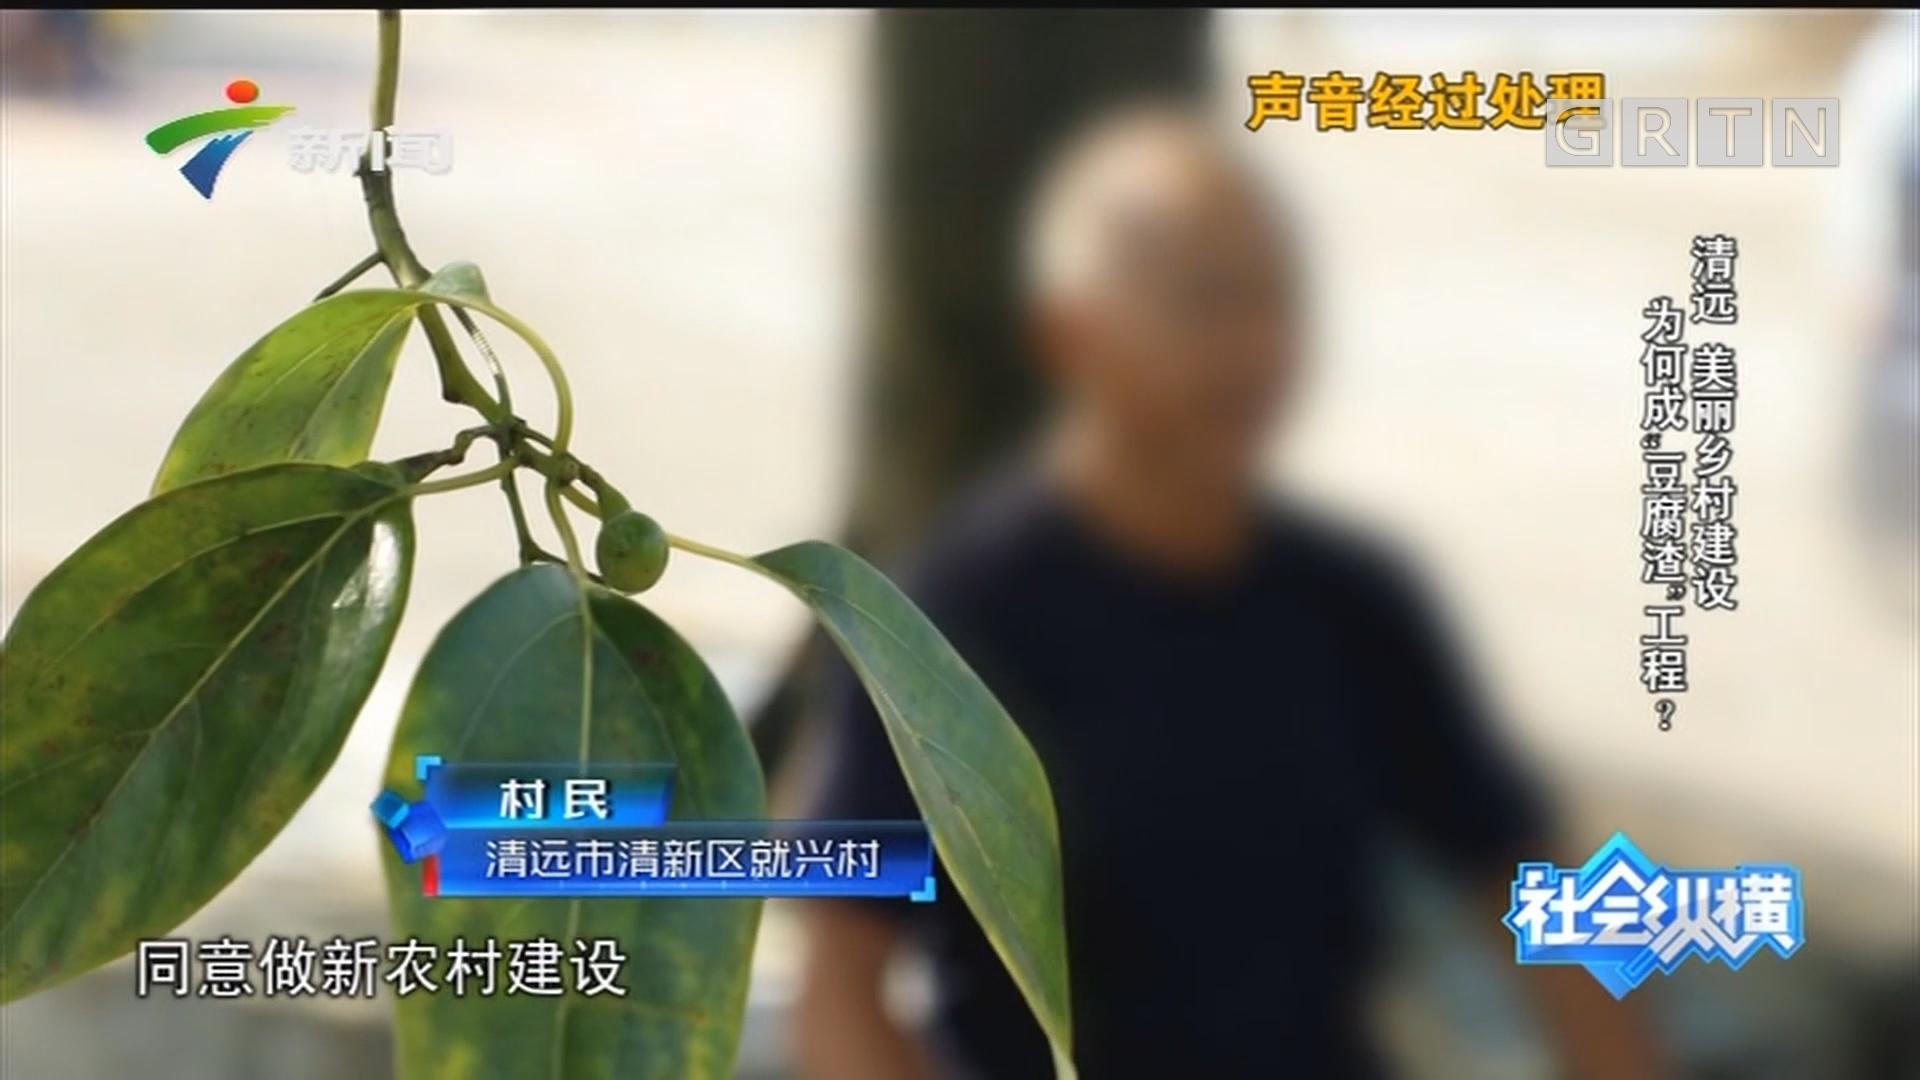 """[HD][2019-07-29]社會縱橫:清遠 美麗鄉村建設 為何成""""豆腐渣""""工程?"""